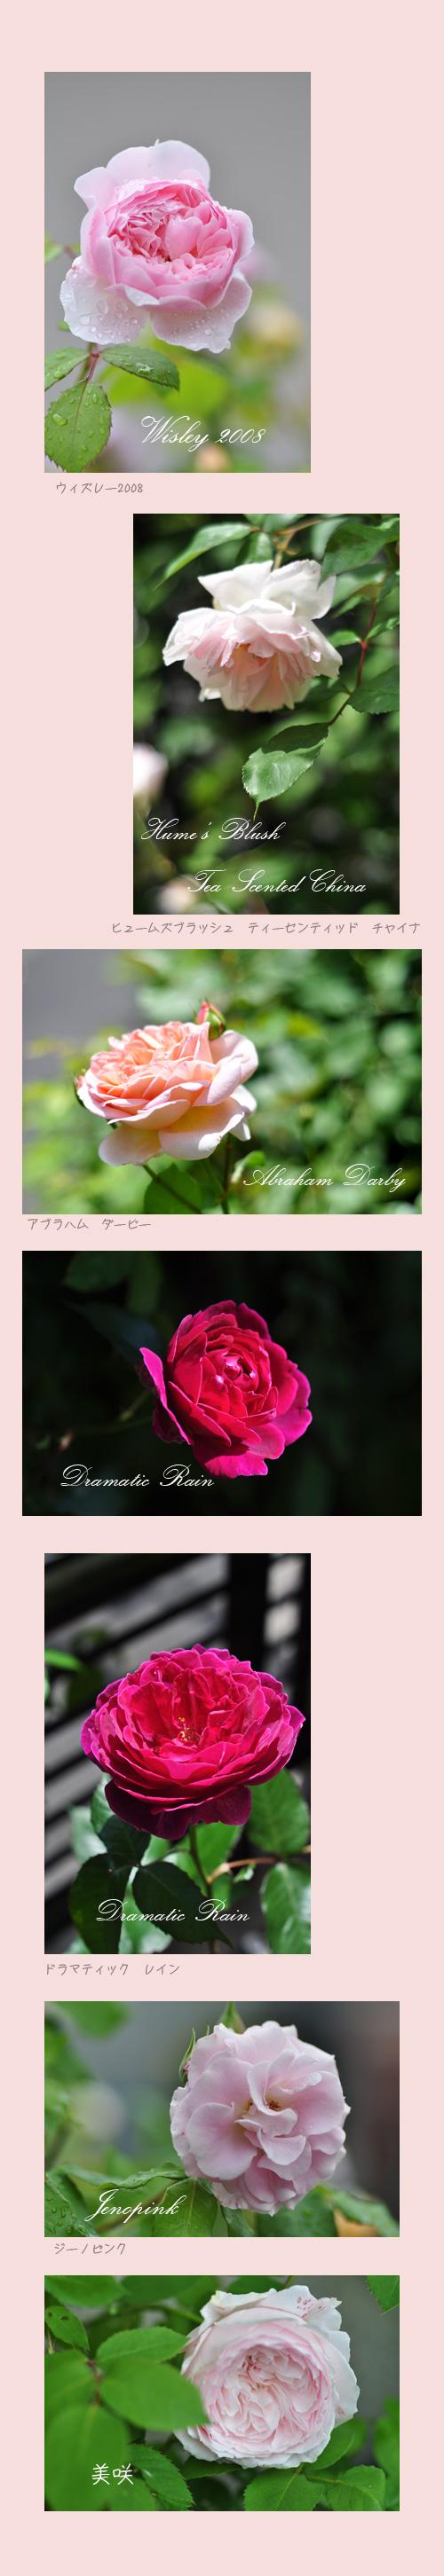 5月22日薔薇3